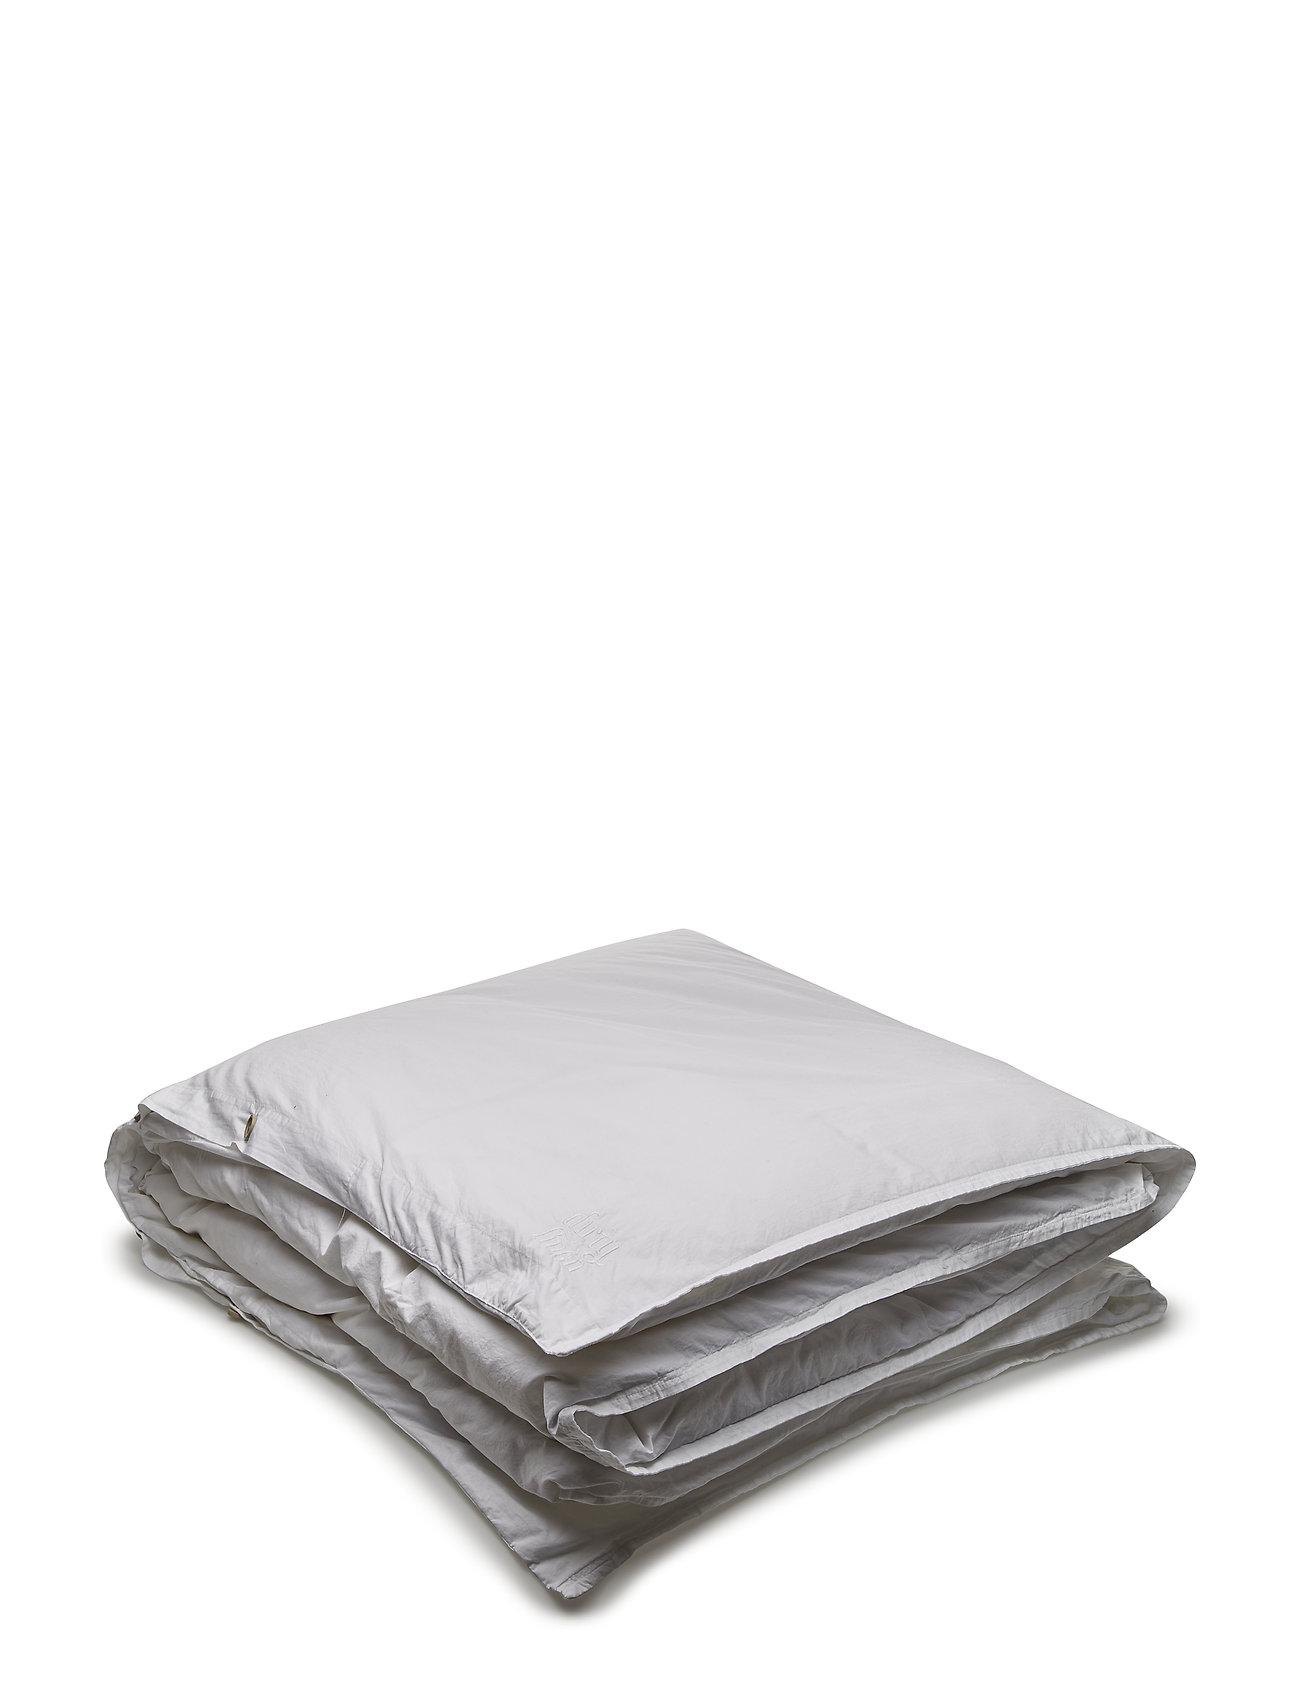 Dirty Linen Triple X duvet cover - WHITE